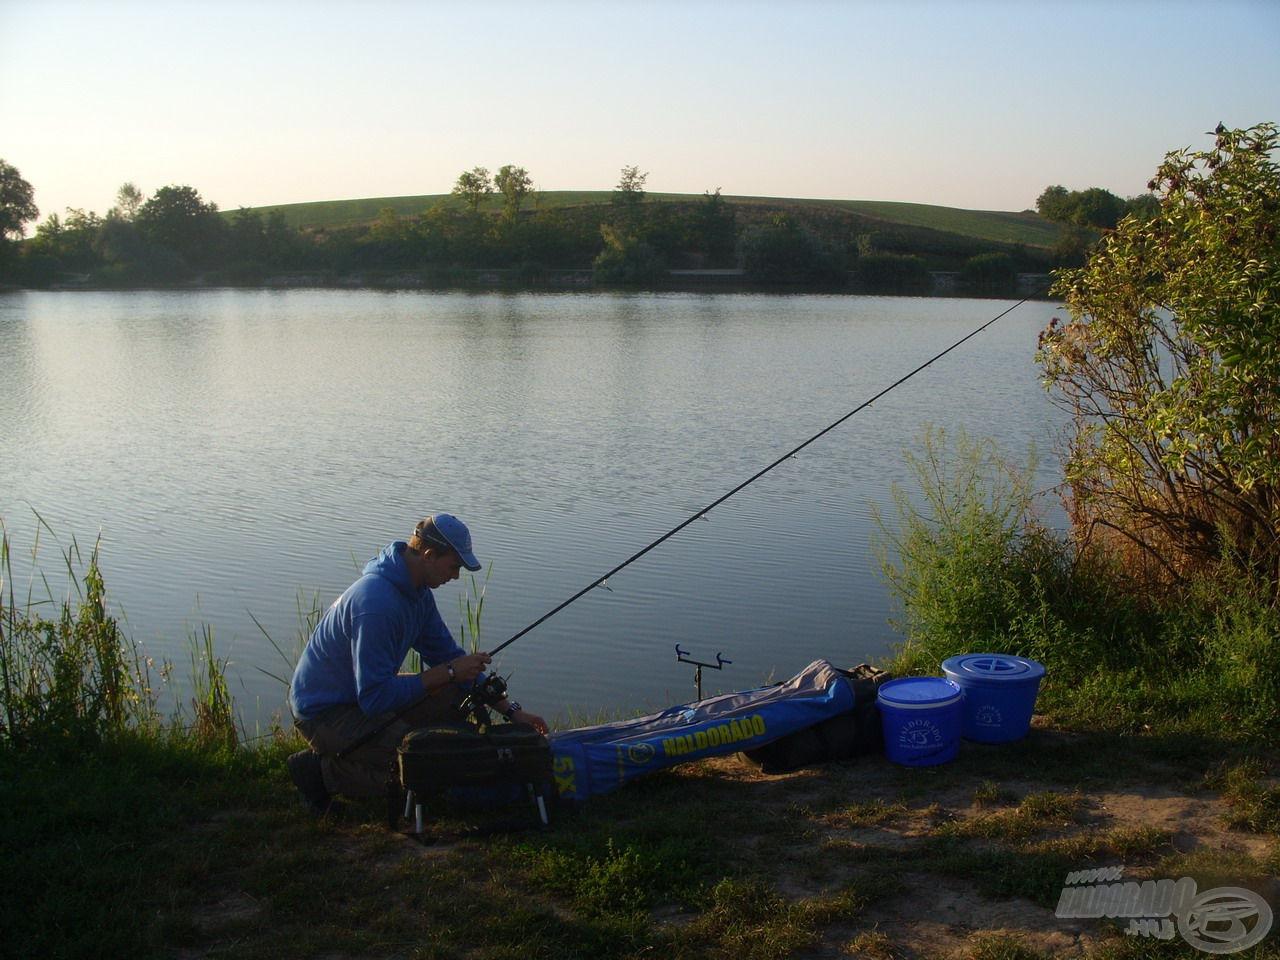 Izgatottan készítettem össze felszereléseimet, szerettem volna minél előbb a halak nyomába eredni